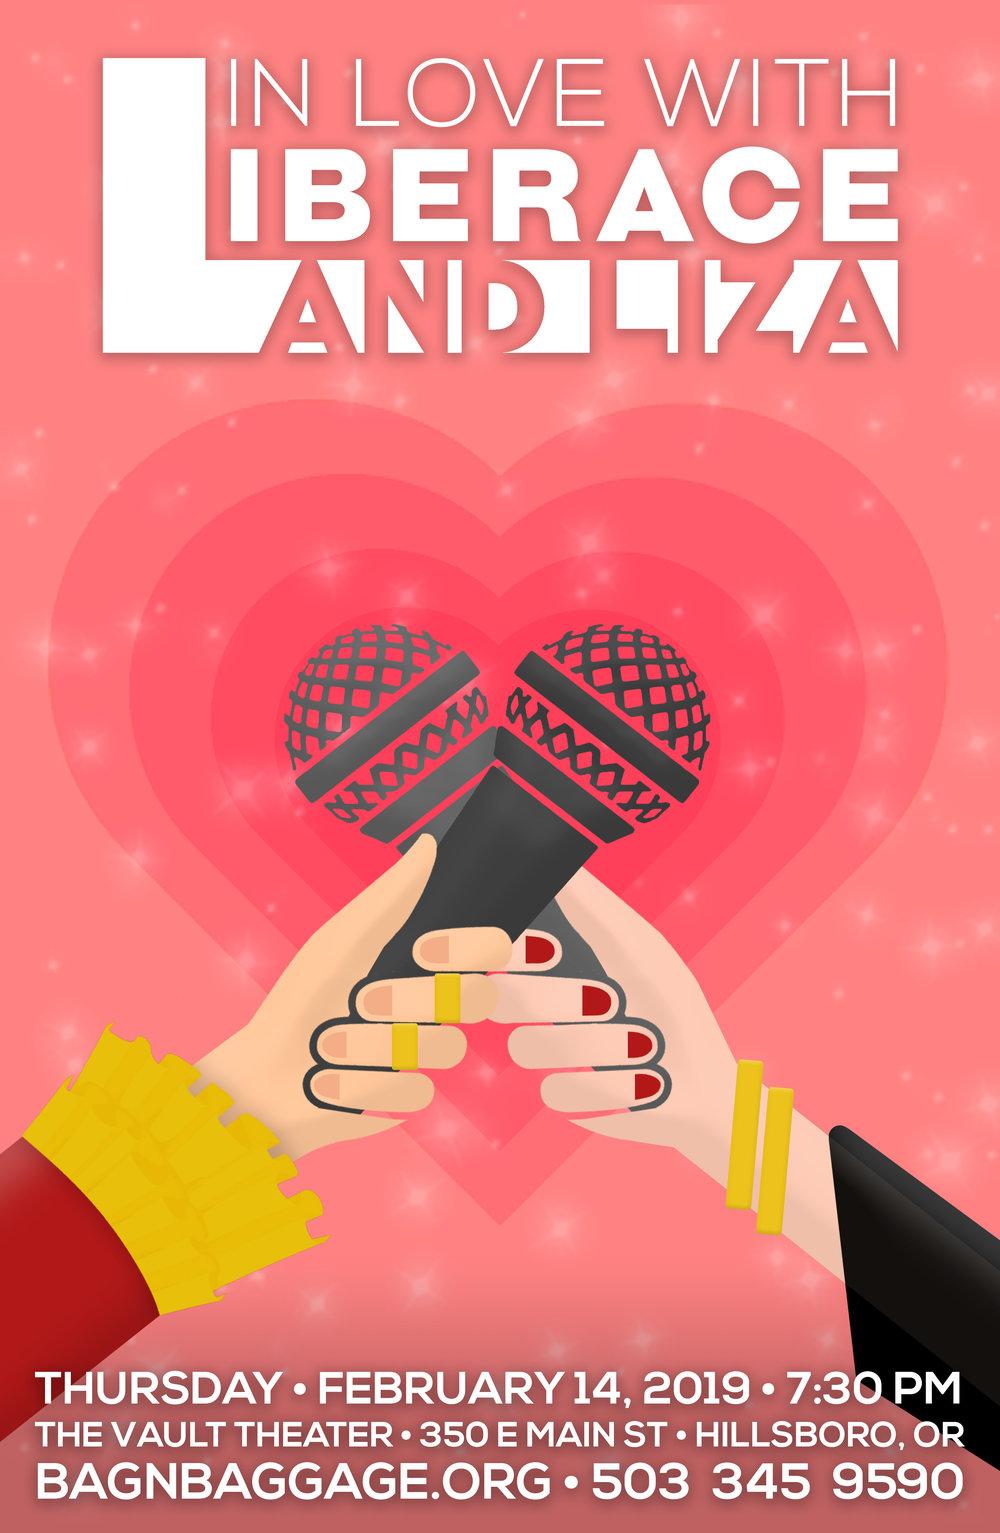 L&L_11x17 Poster (1).jpg